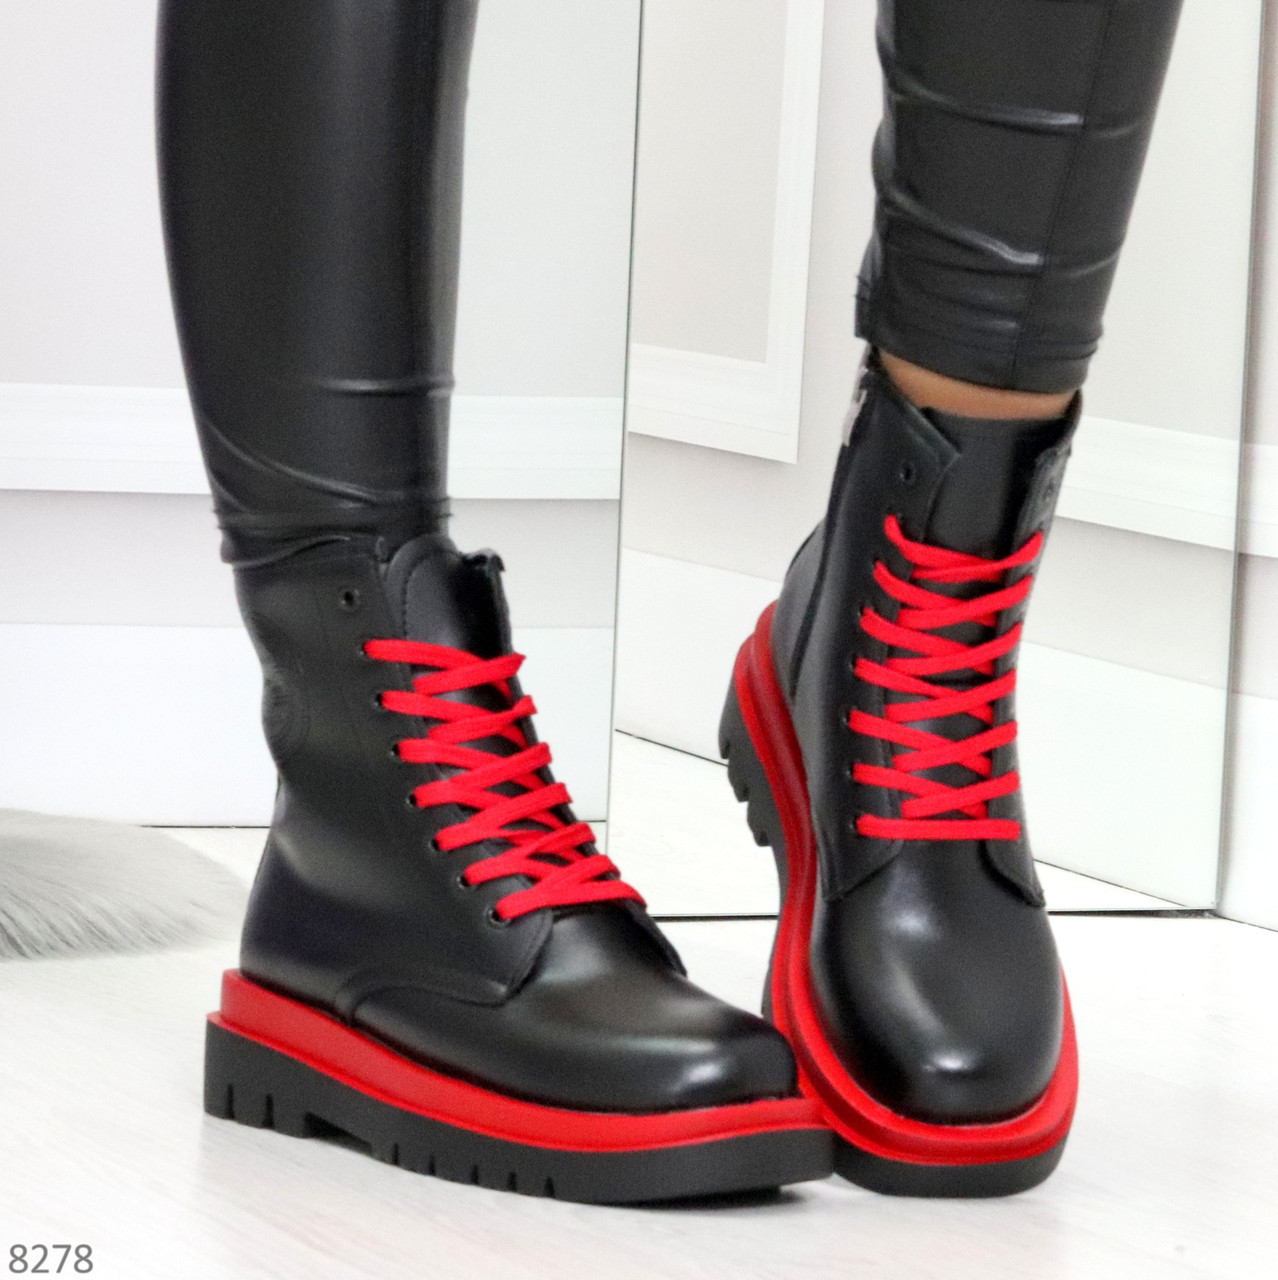 Эффектные яркие черные женские ботинки на красной шнуровке